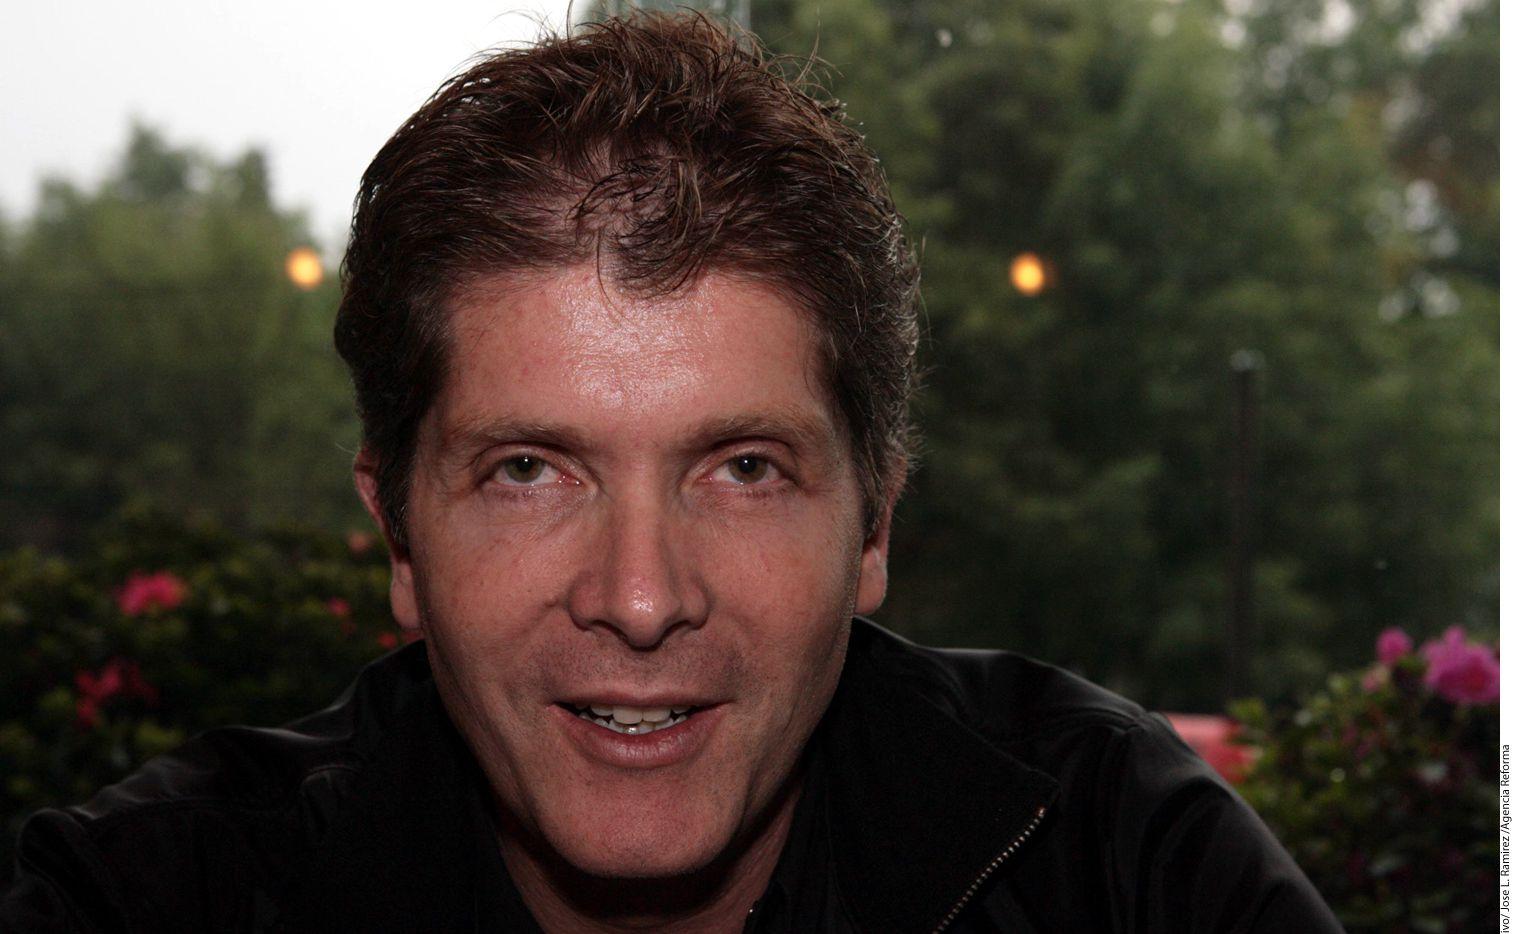 El empresario Juan Zepeda dijo estar arrepentido de relacionarse con Ninel Conde./ AGENCIA REFORMA